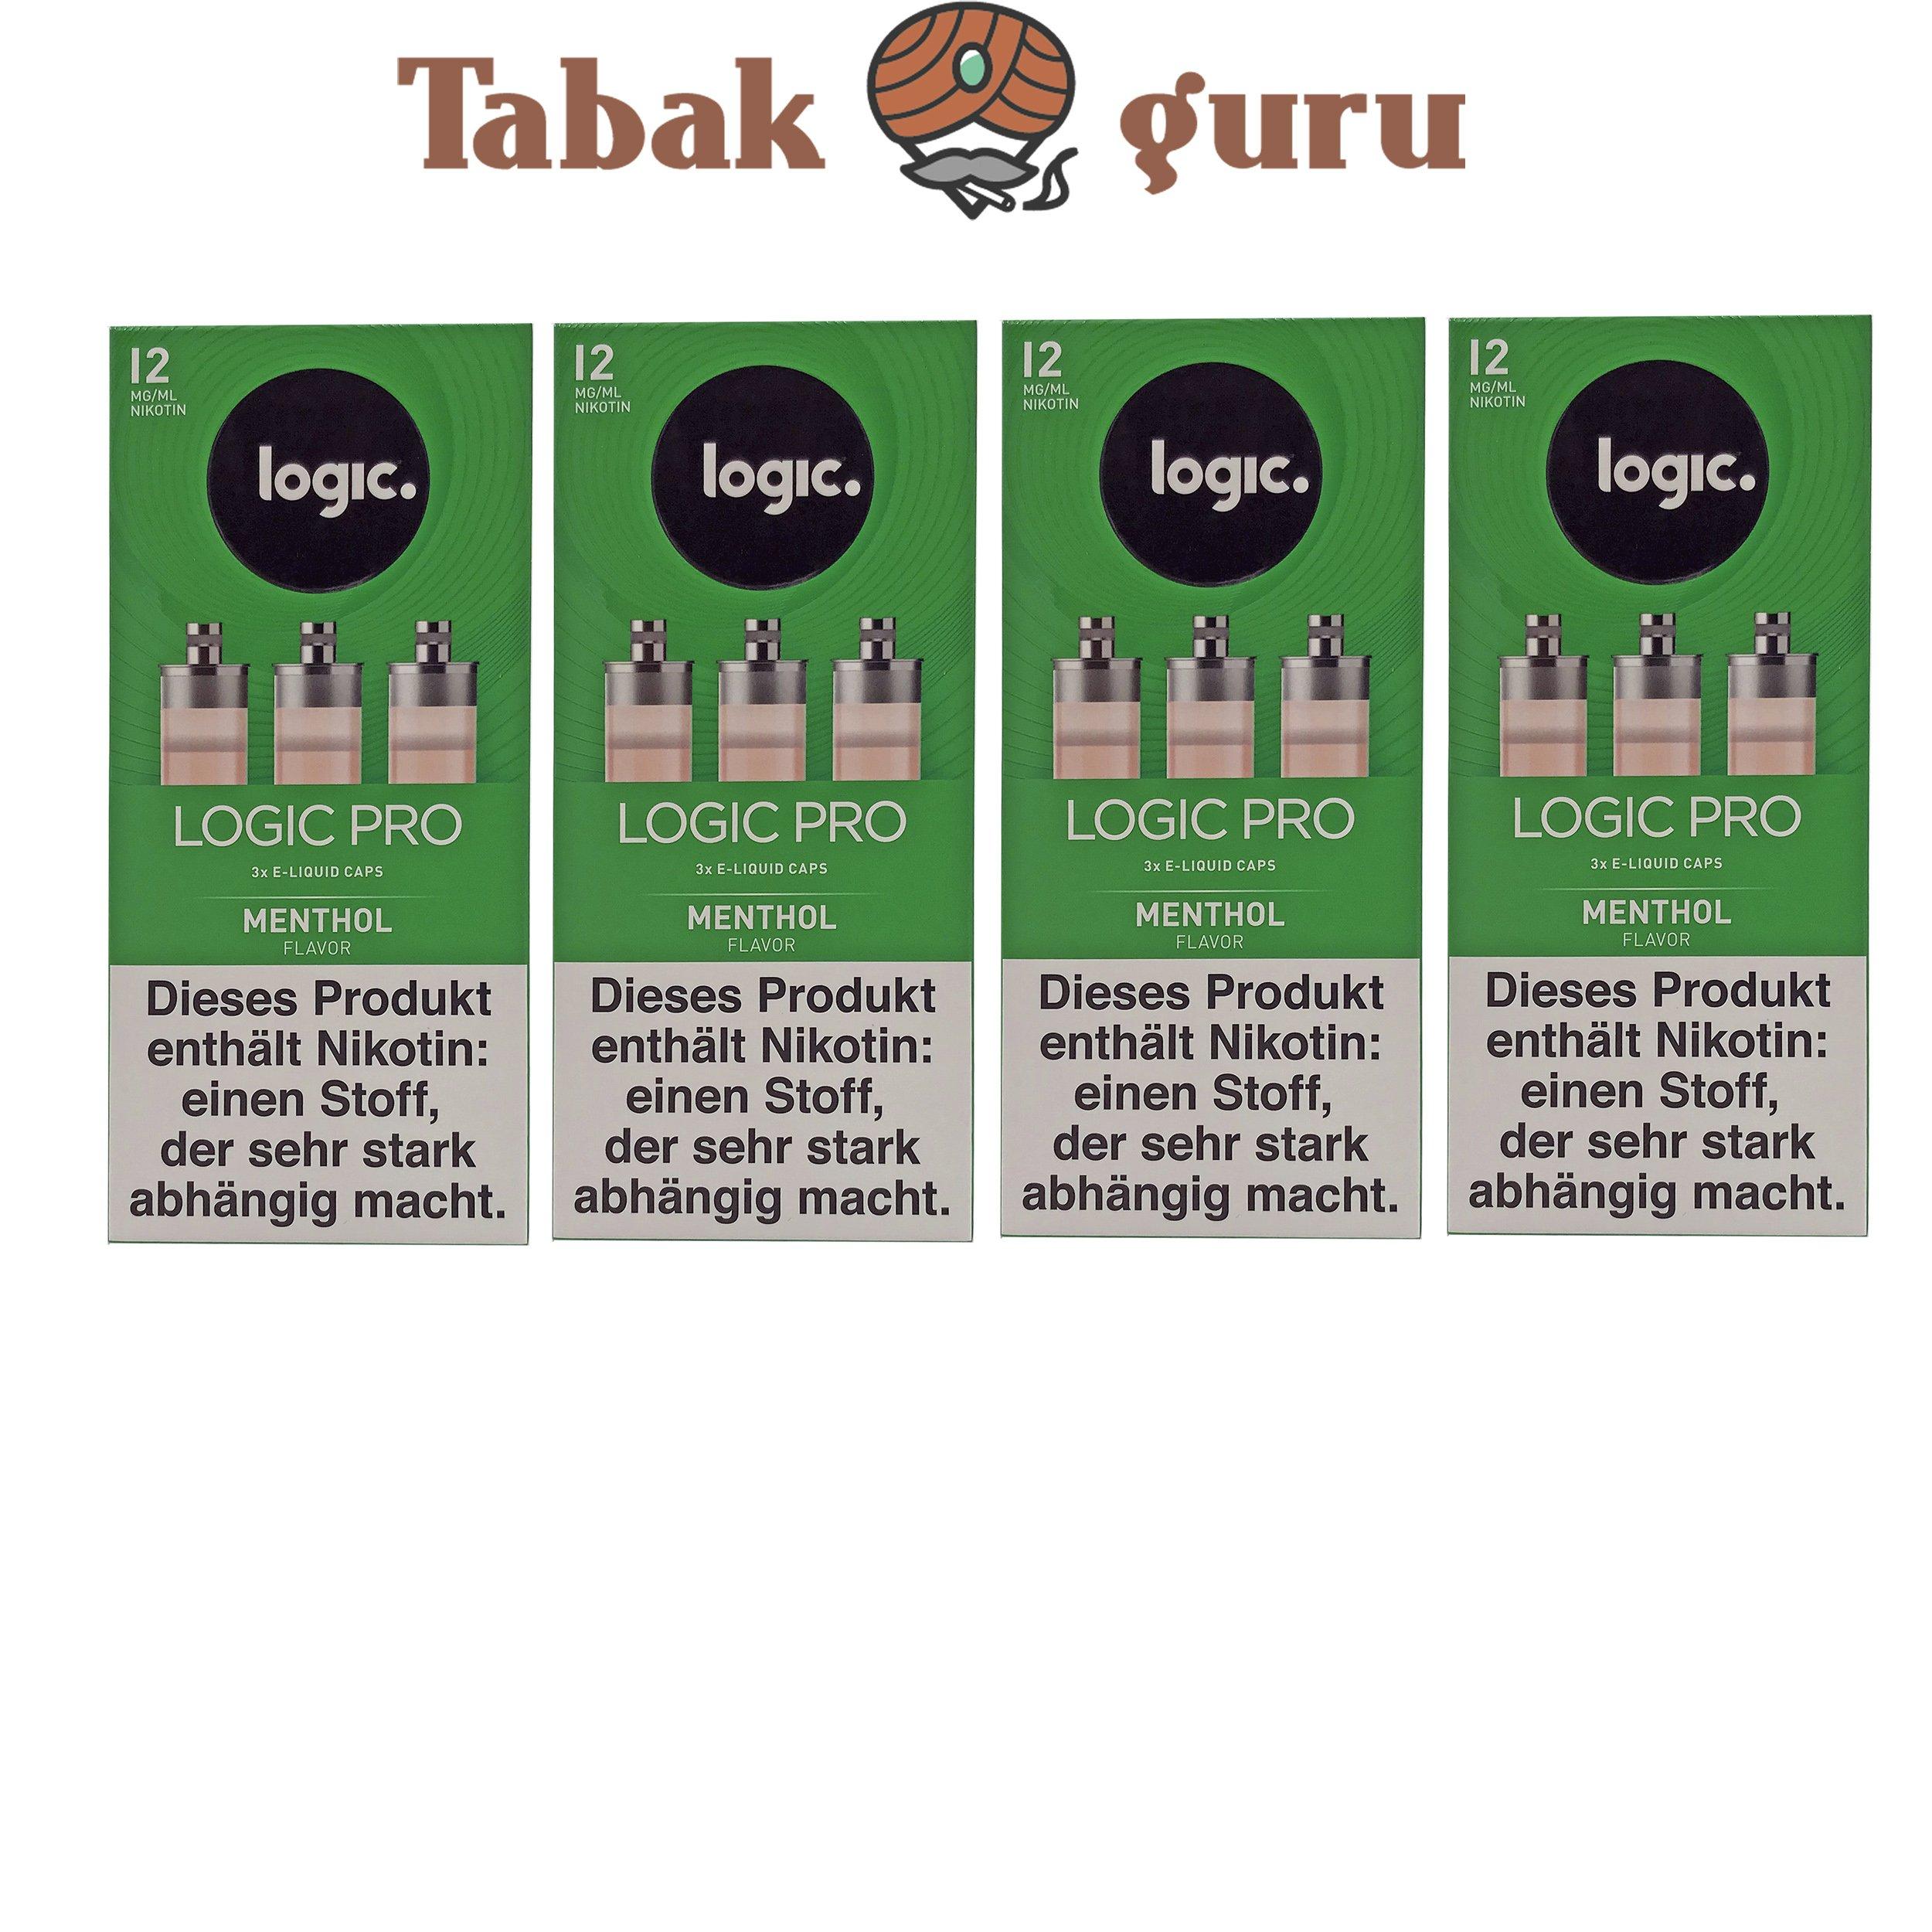 Logic Pro e-Liquid 4 Pack Caps Menthol 12 mg/ml